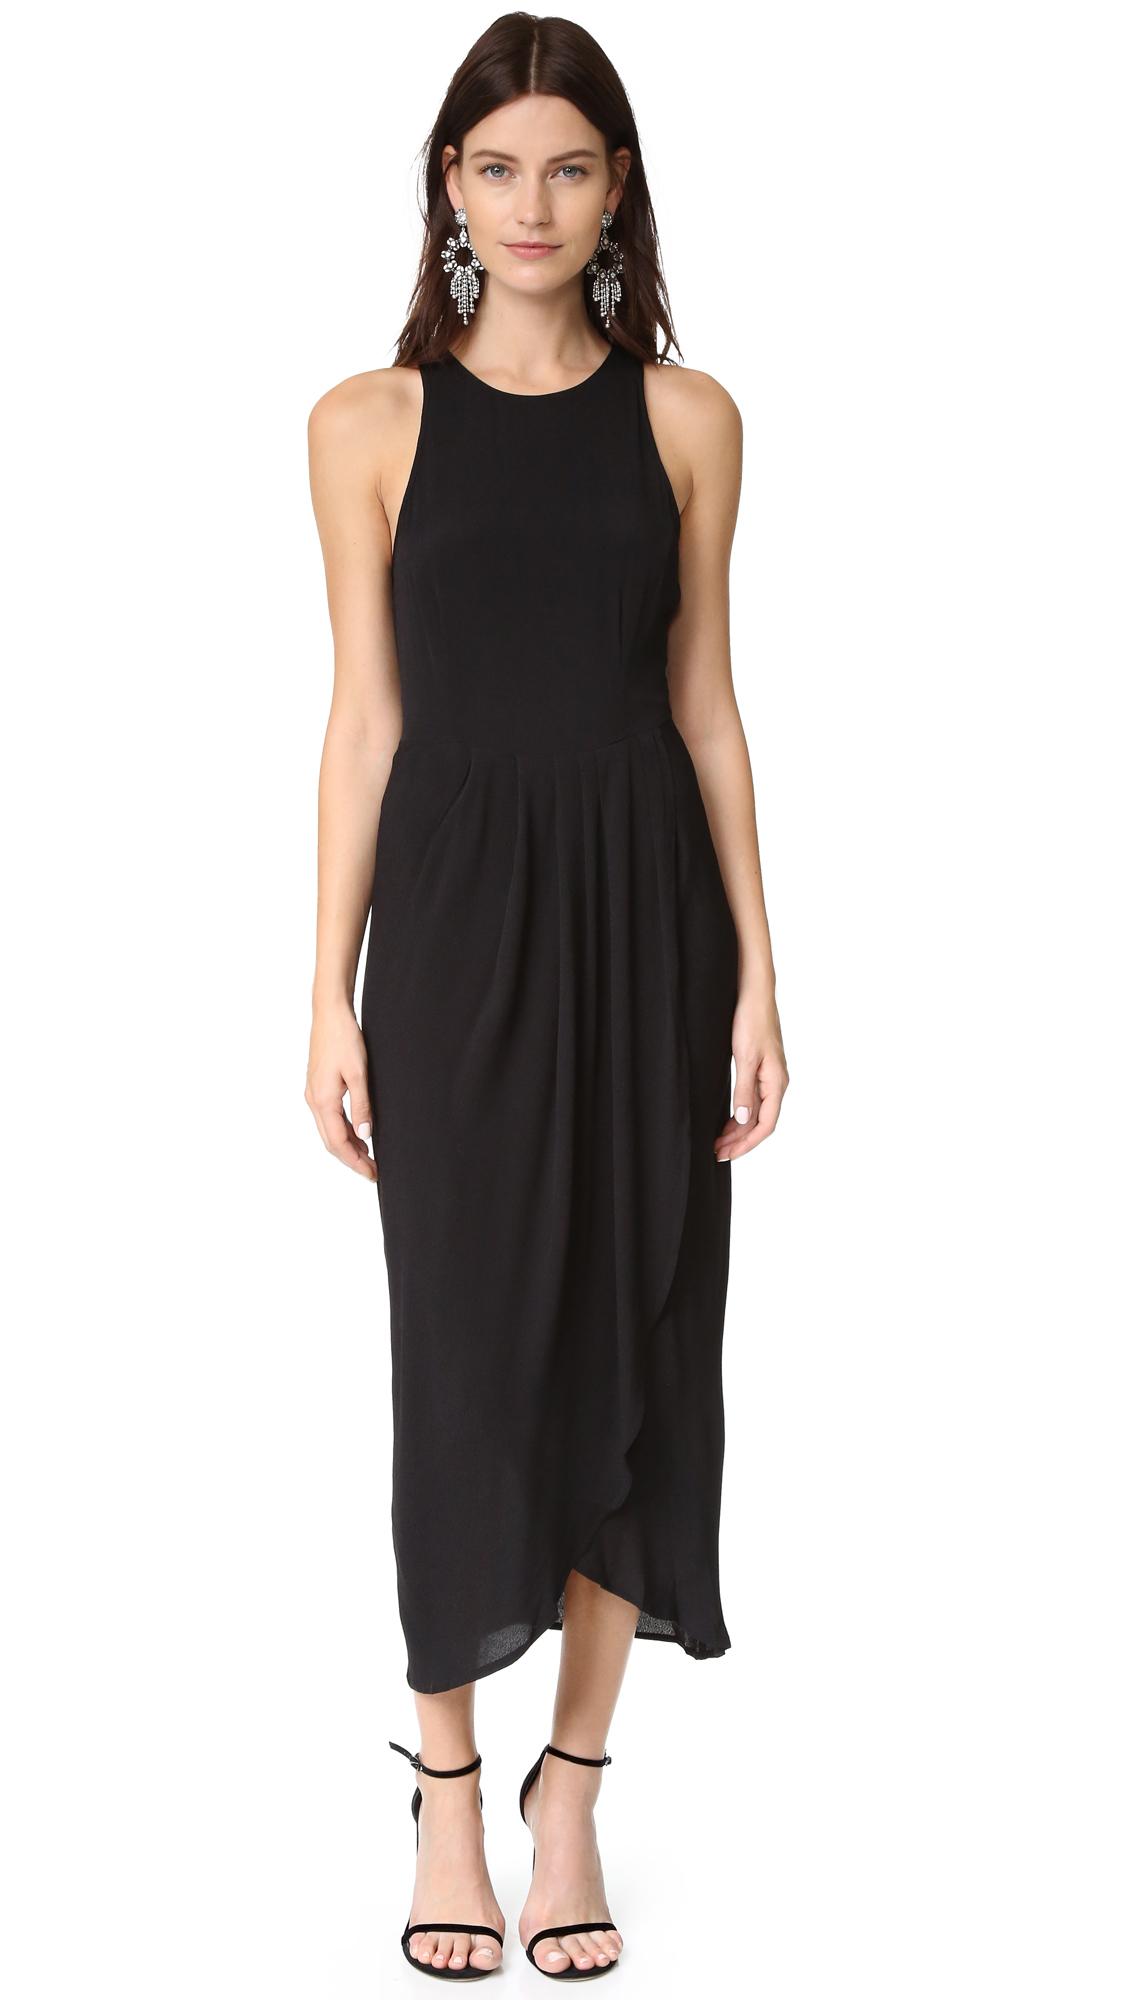 Yumi kim So Social Dress in Black